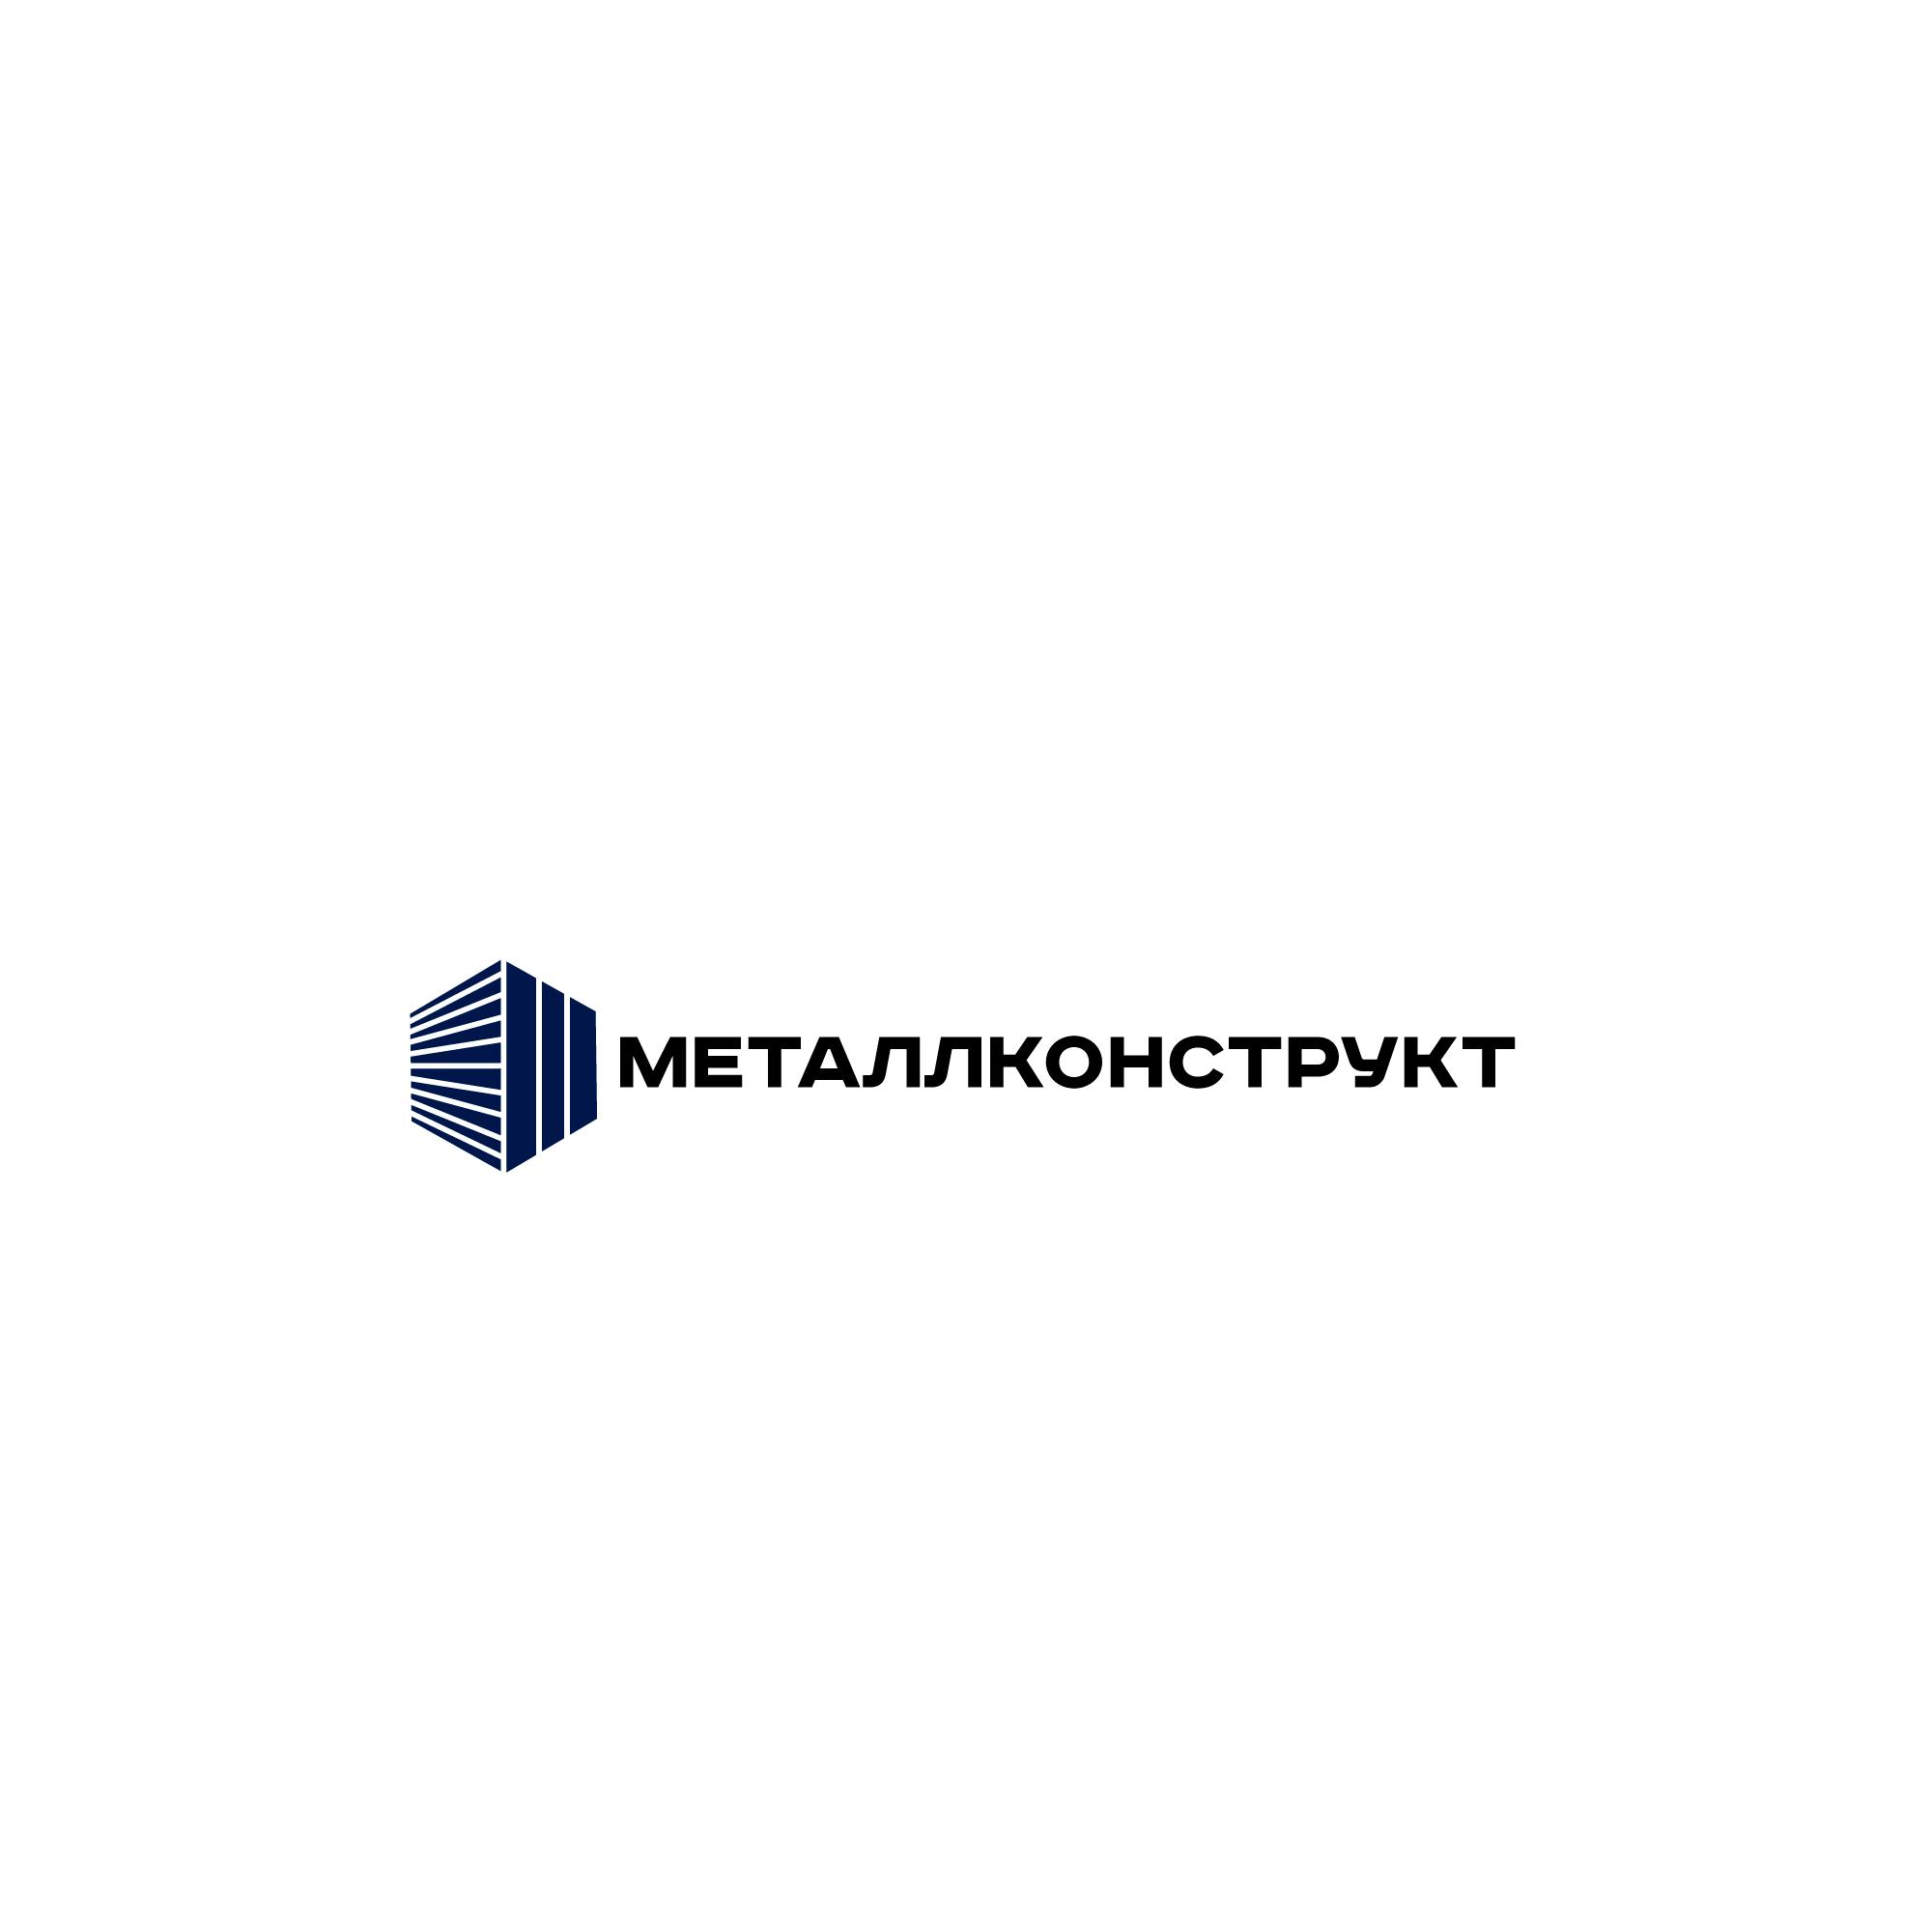 Разработка логотипа и фирменного стиля фото f_4975ad4e98a07fc4.jpg